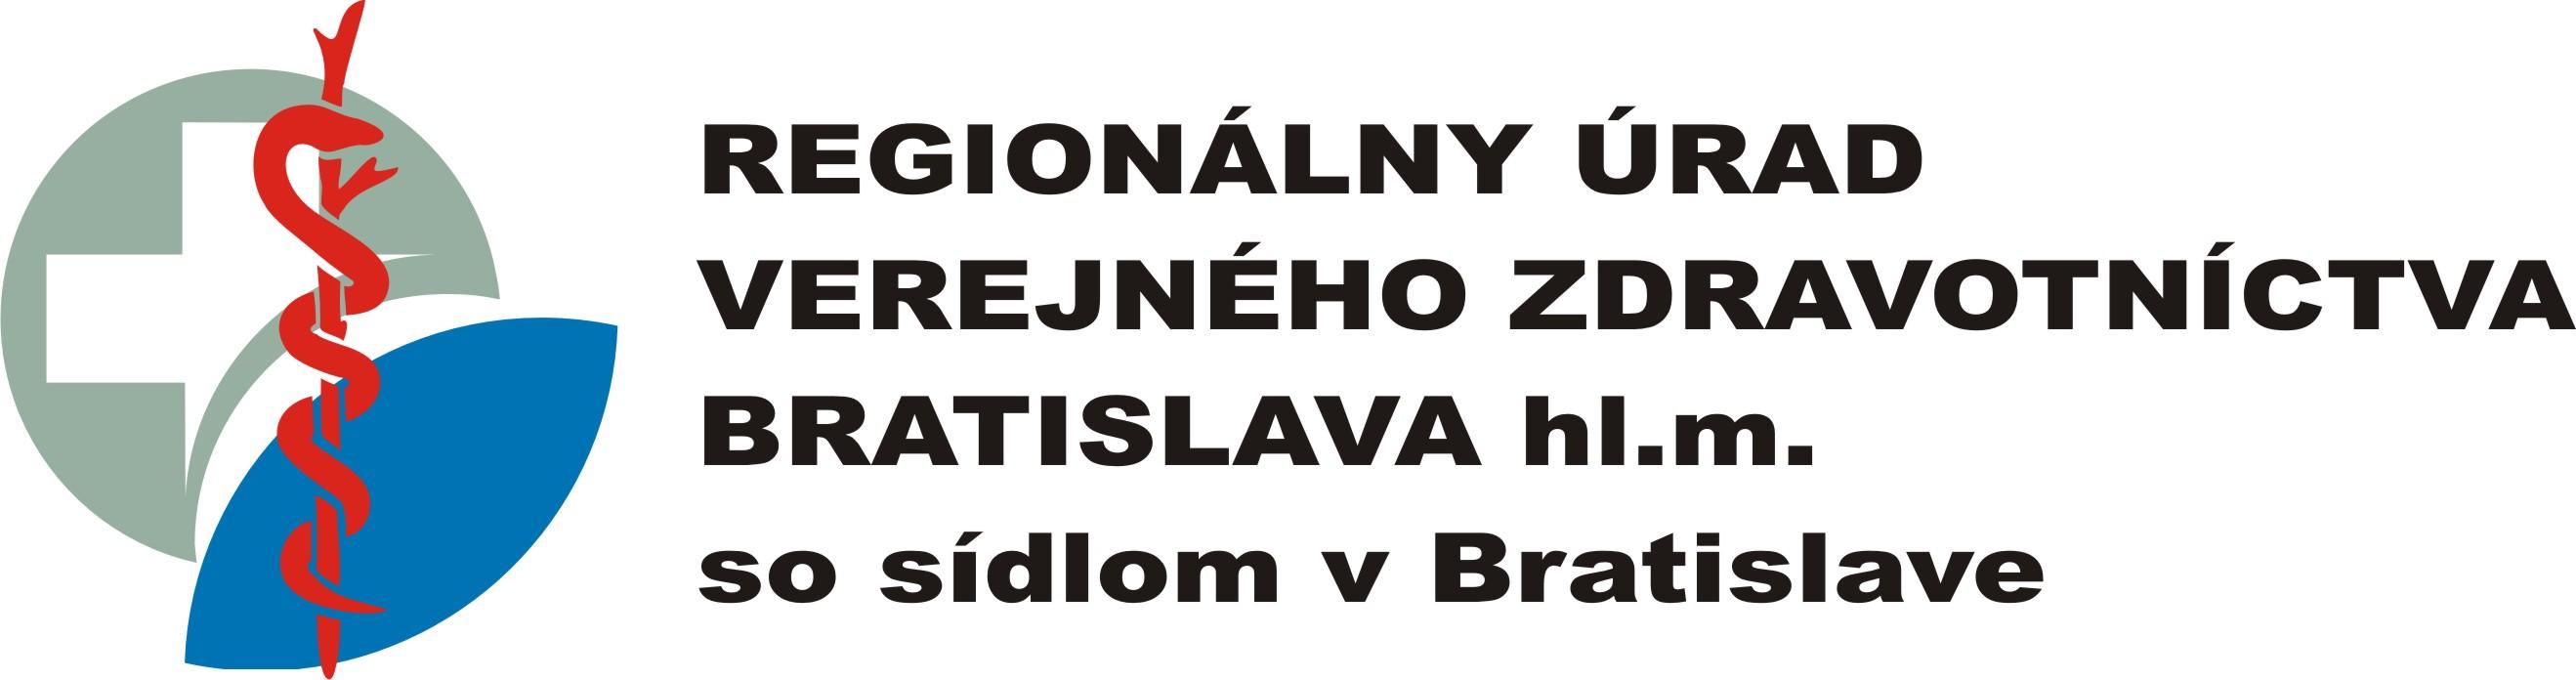 Regionálny úrad verejného zdravotníctva Bratislava